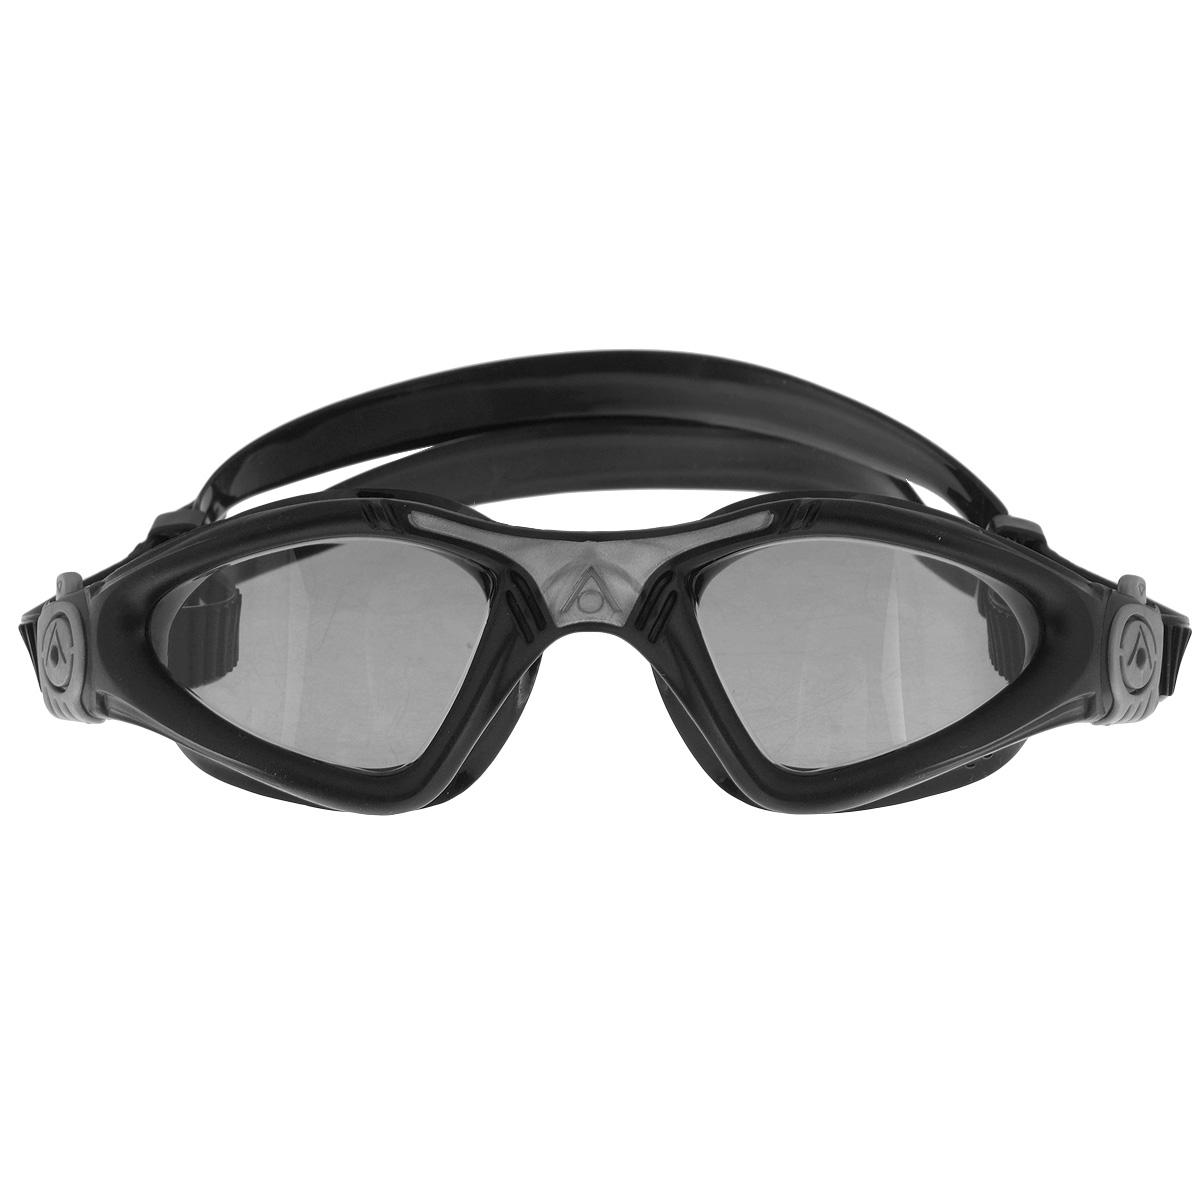 """Очки для плавания Aqua Sphere """"Kayenne"""", прозрачные линзы, цвет: черный, серебристый"""